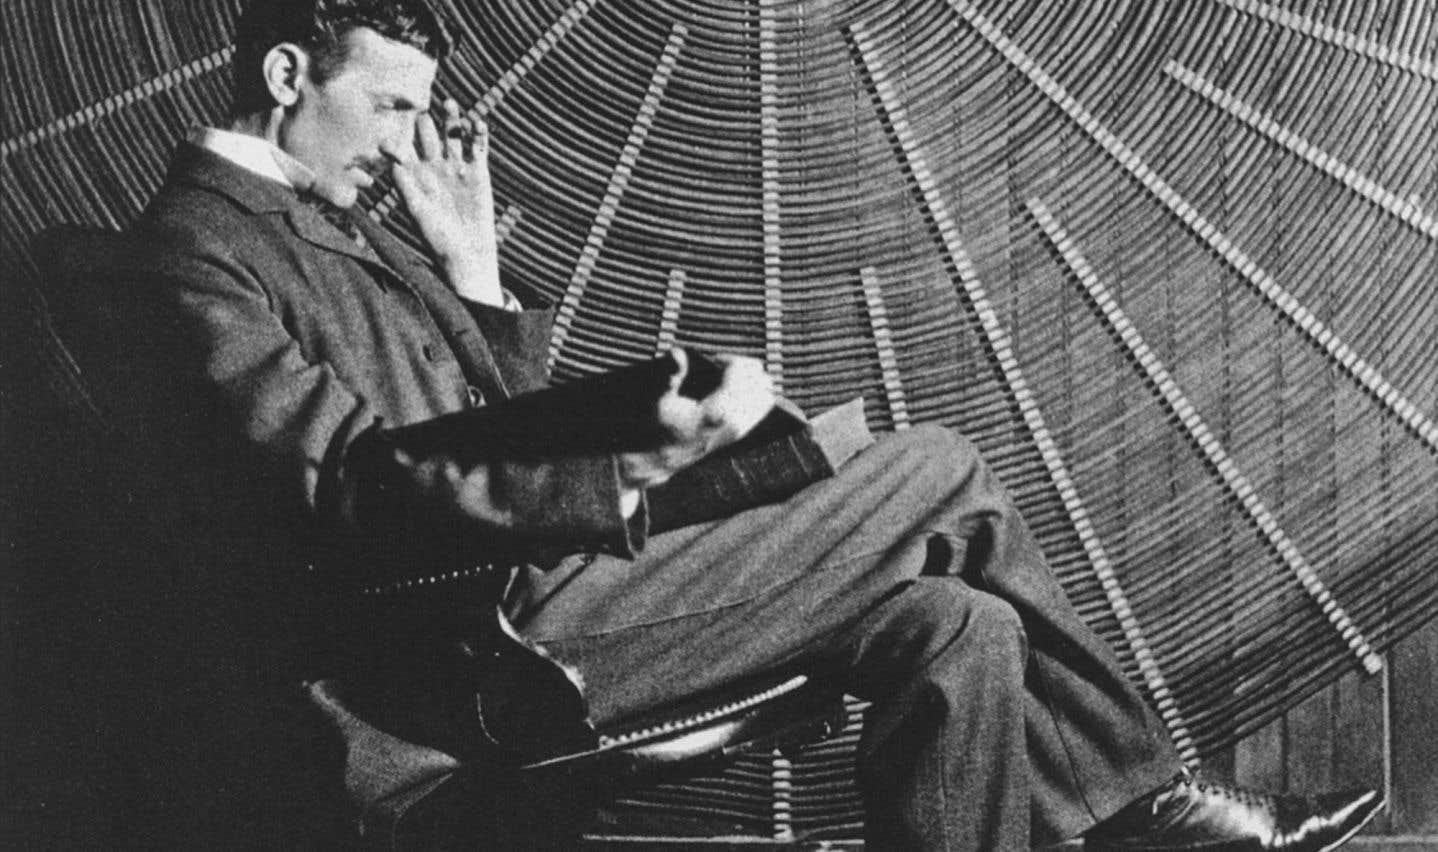 En 1928, l'homme de science Nikola Tesla a affirmé qu'aucune fusée n'atteindra jamais la lune.